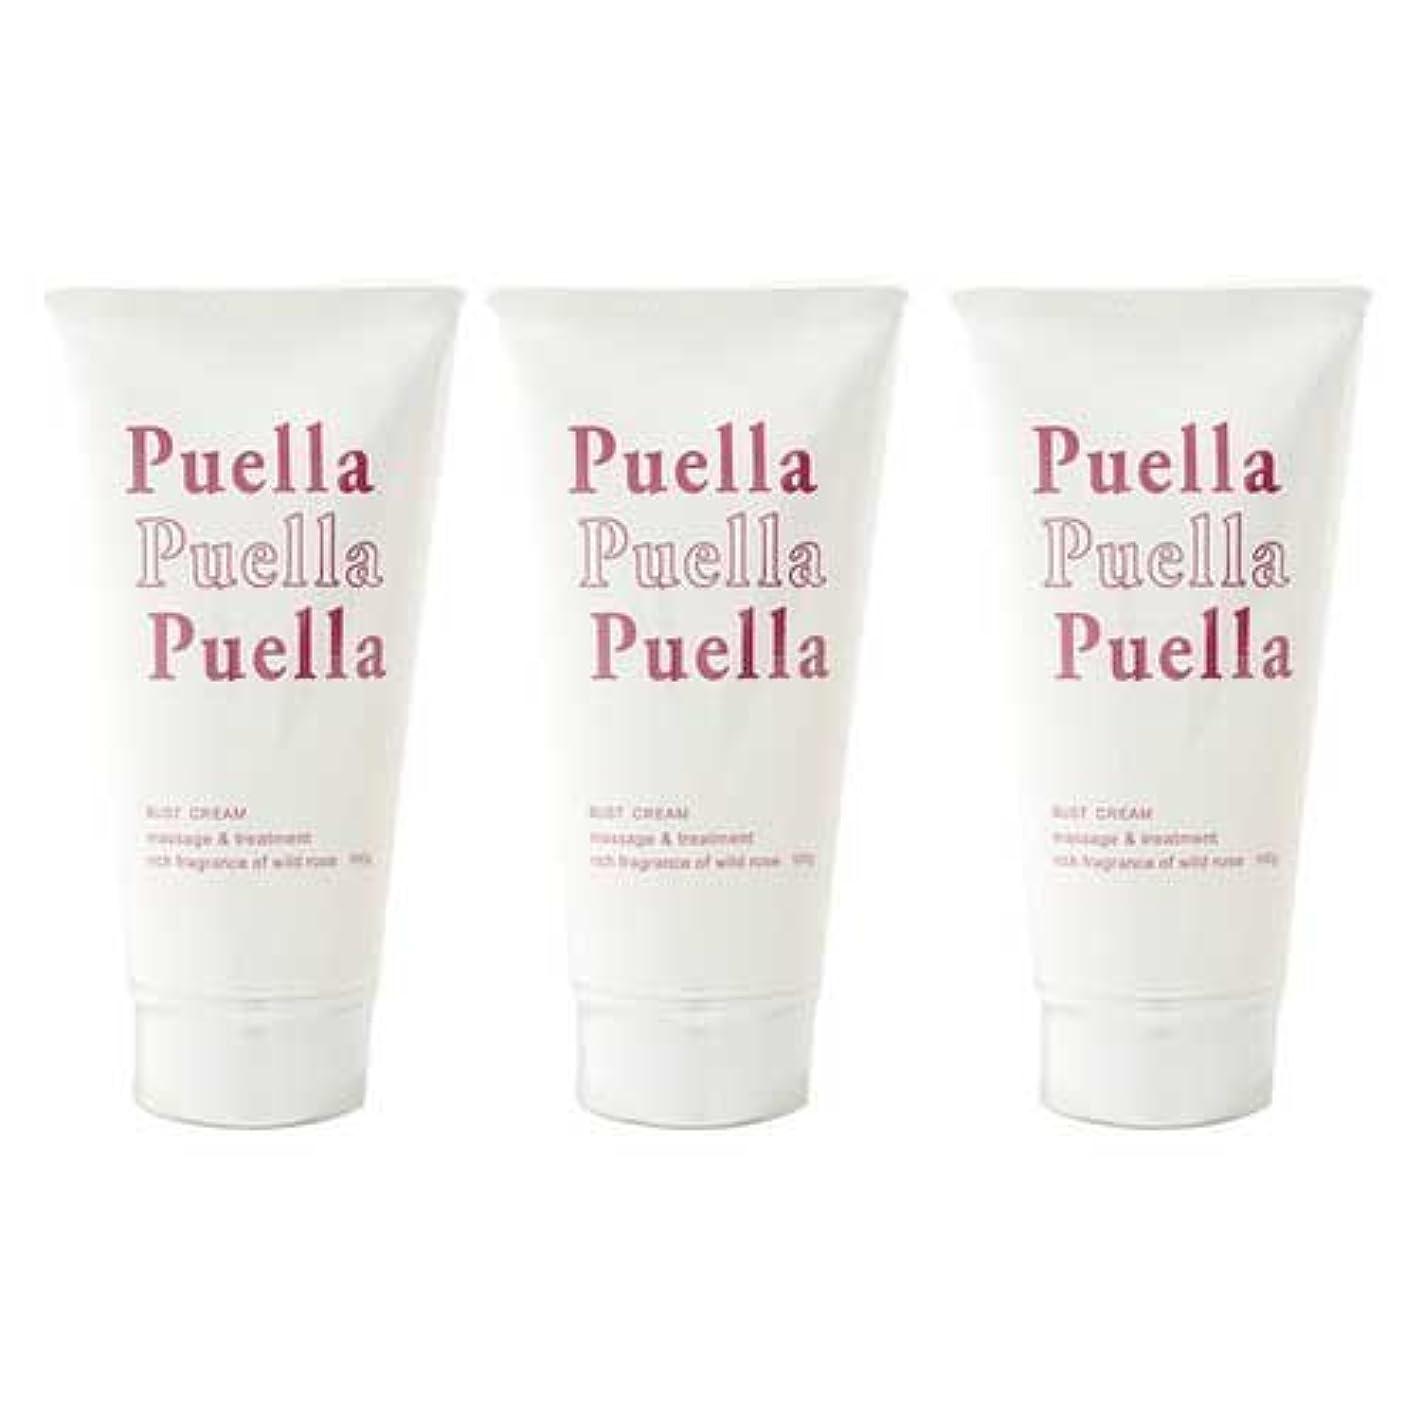 クッション本当のことを言うとアベニュー3個セット puella(プエルラ)